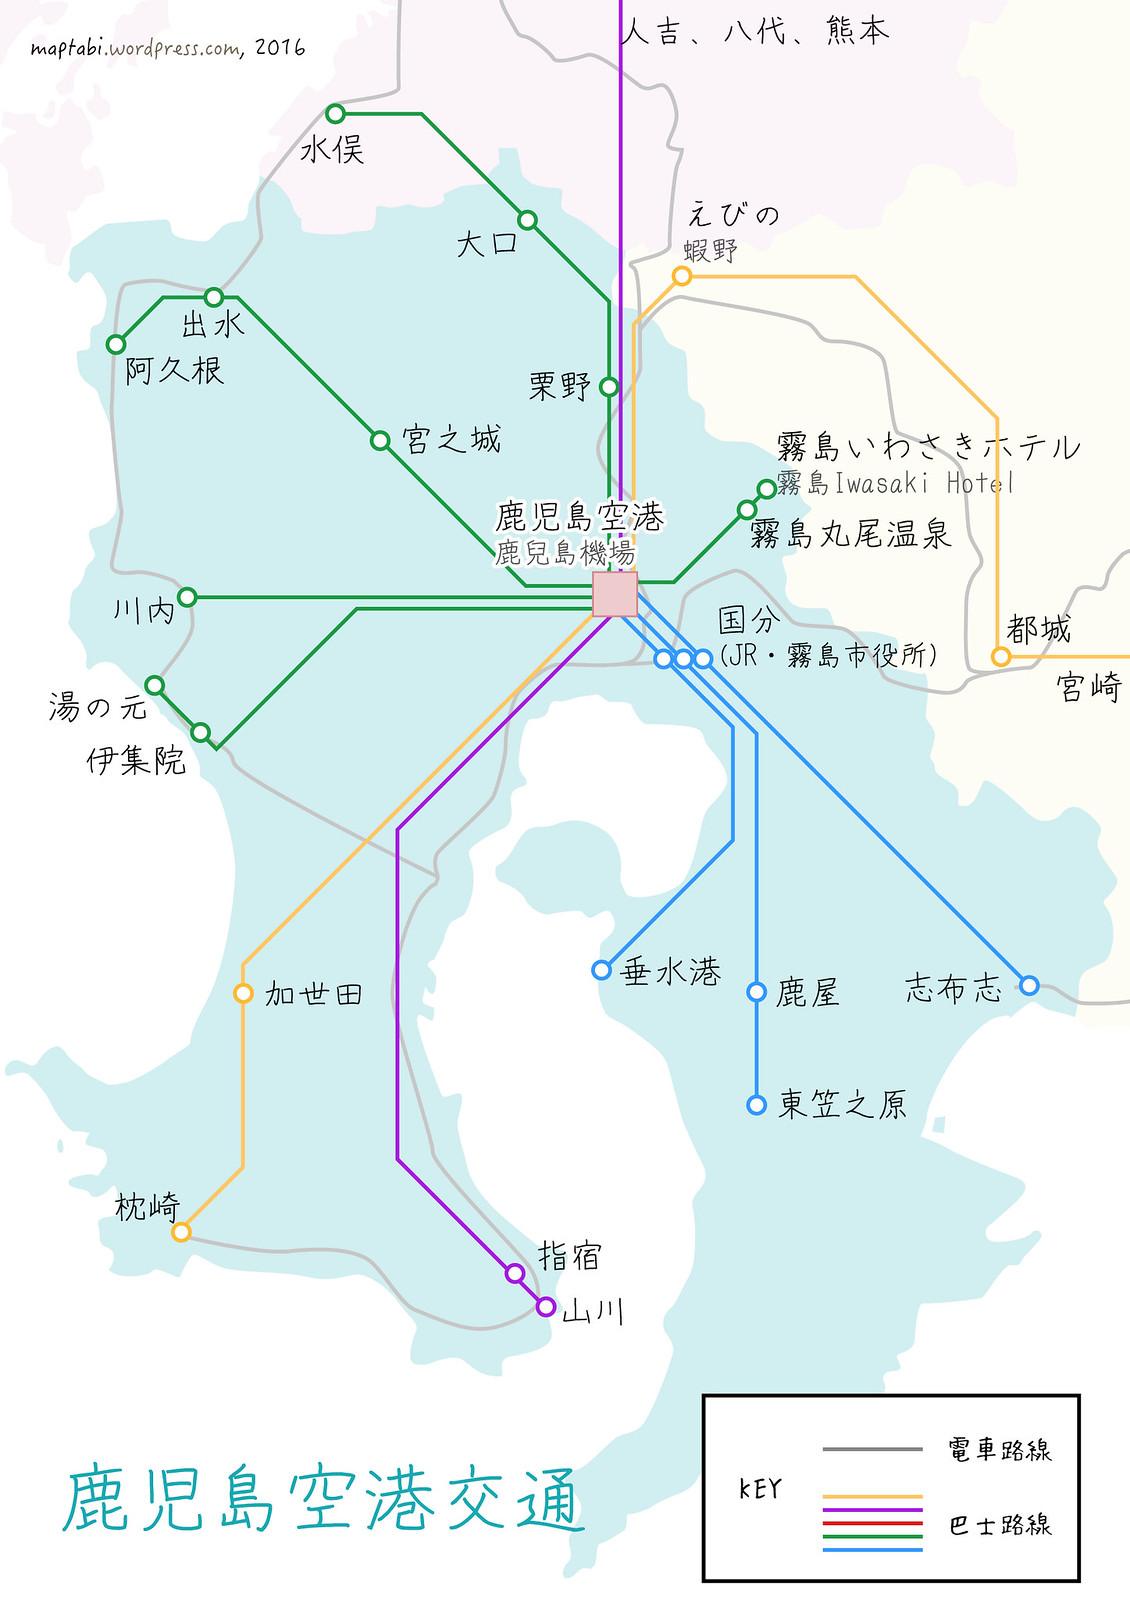 kagoshima-ap_map